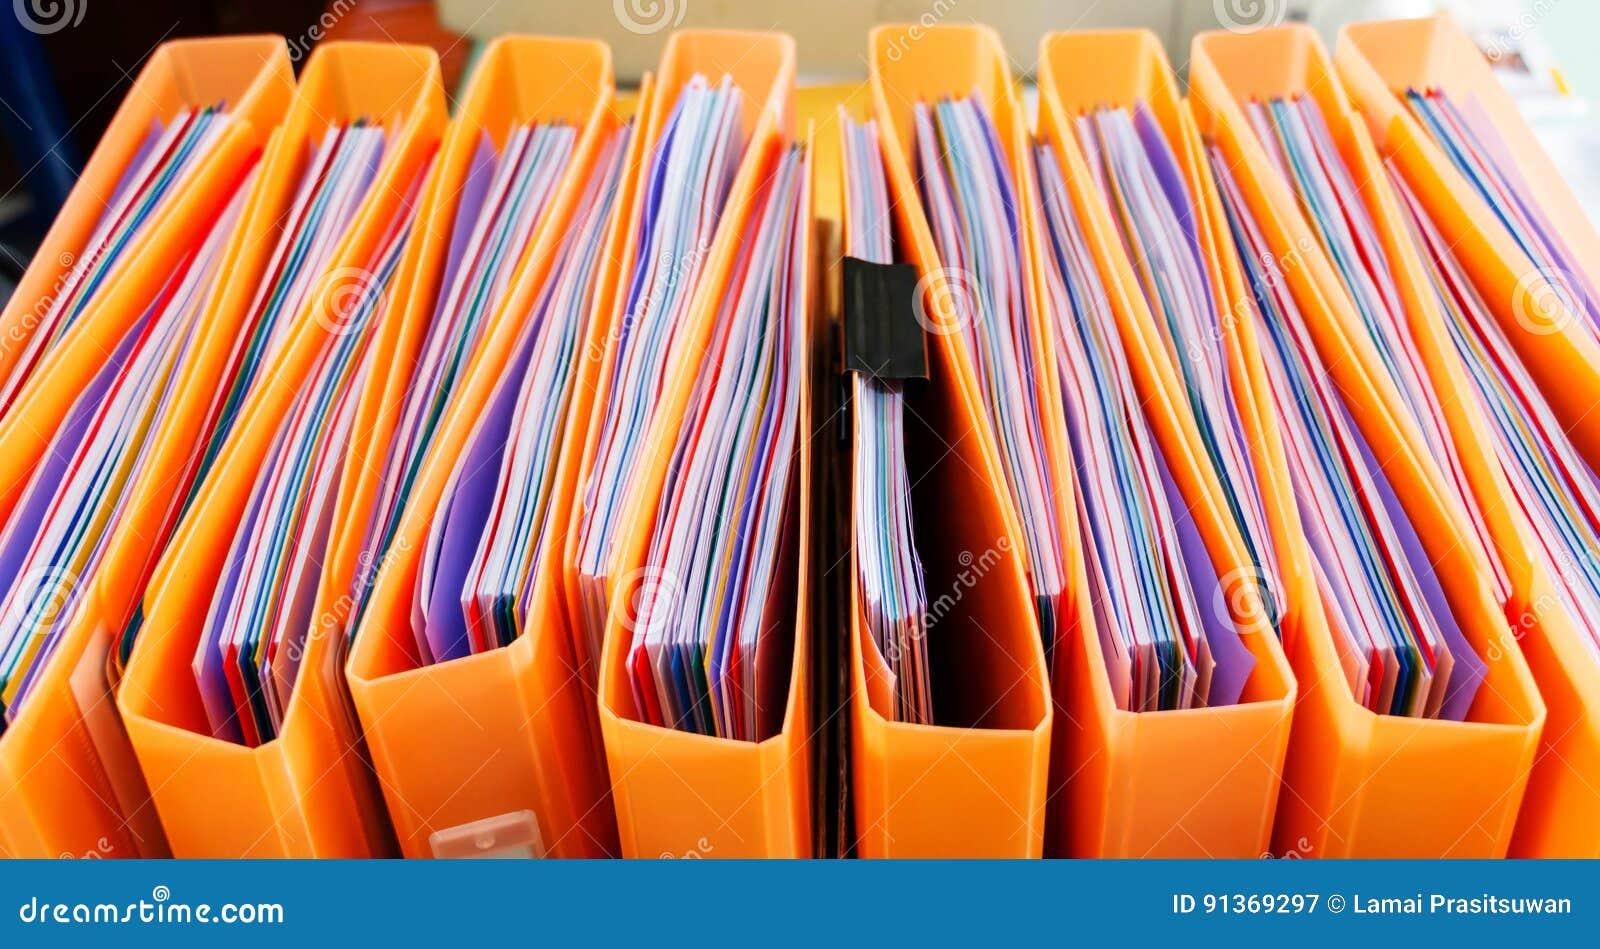 Office documents in folders